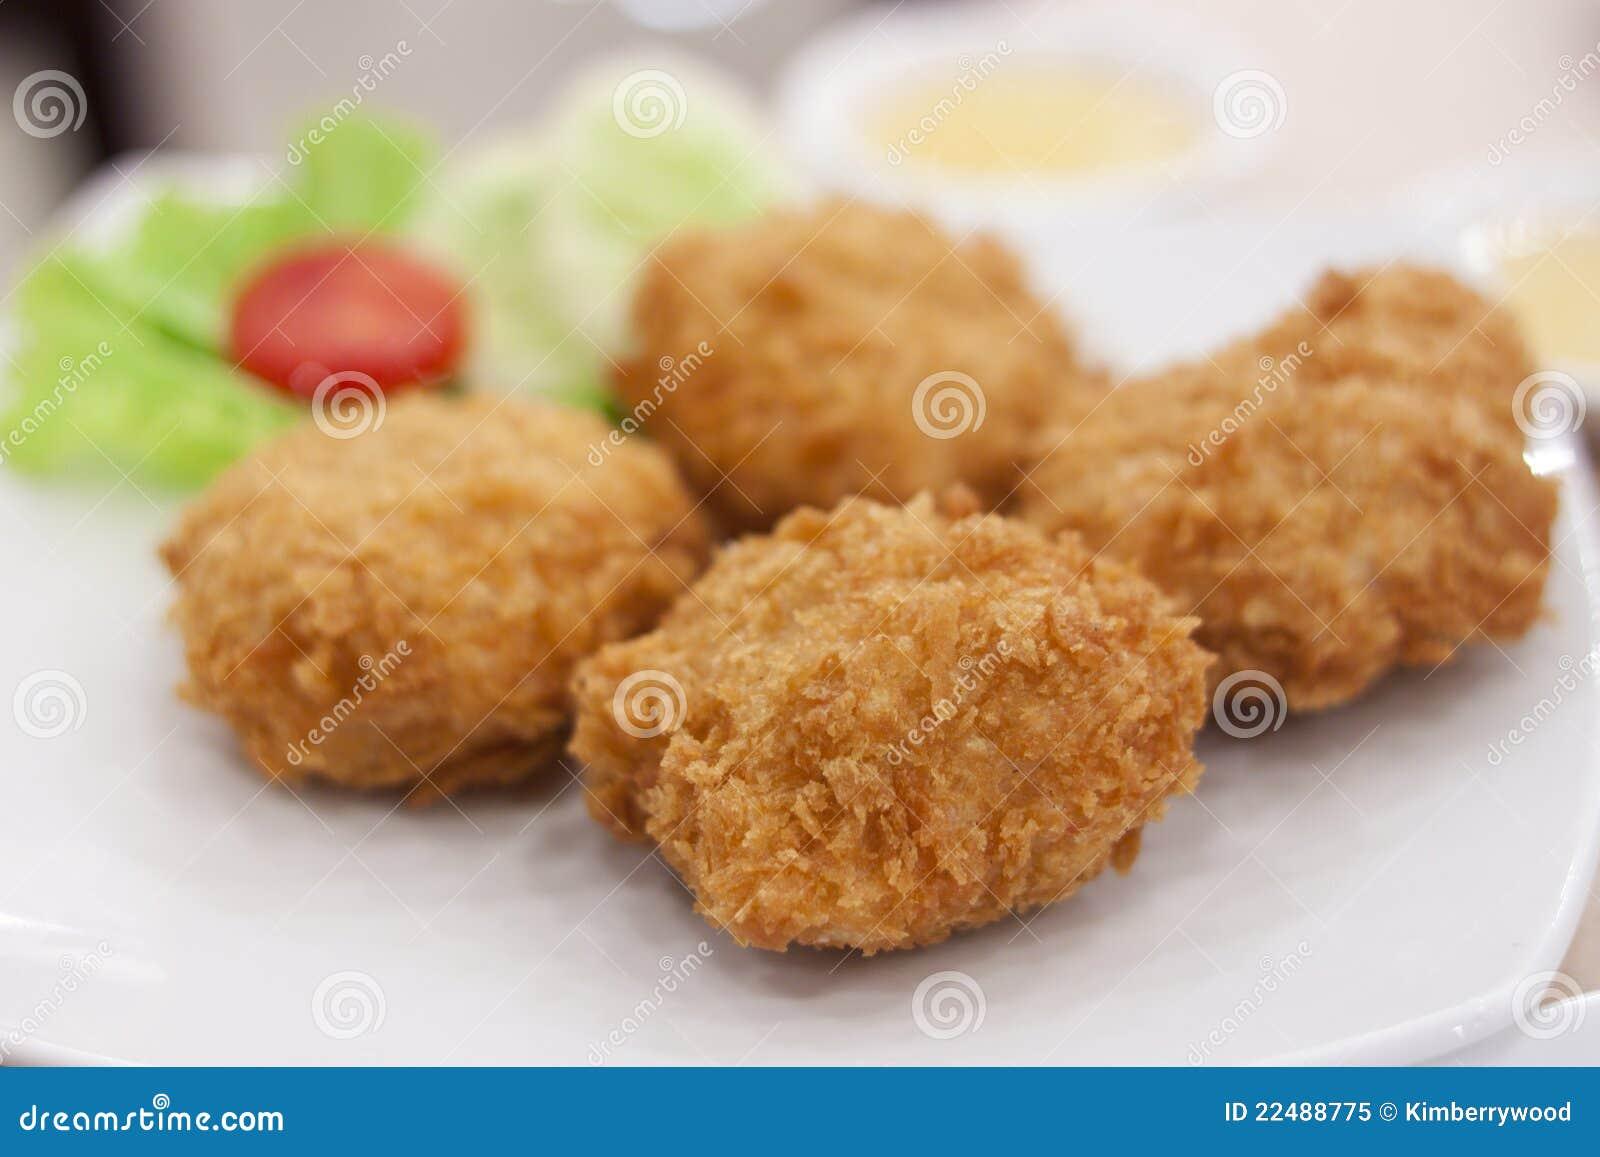 Deep Fried Shrimp Cakes Royalty Free Stock Photo - Image: 22488775